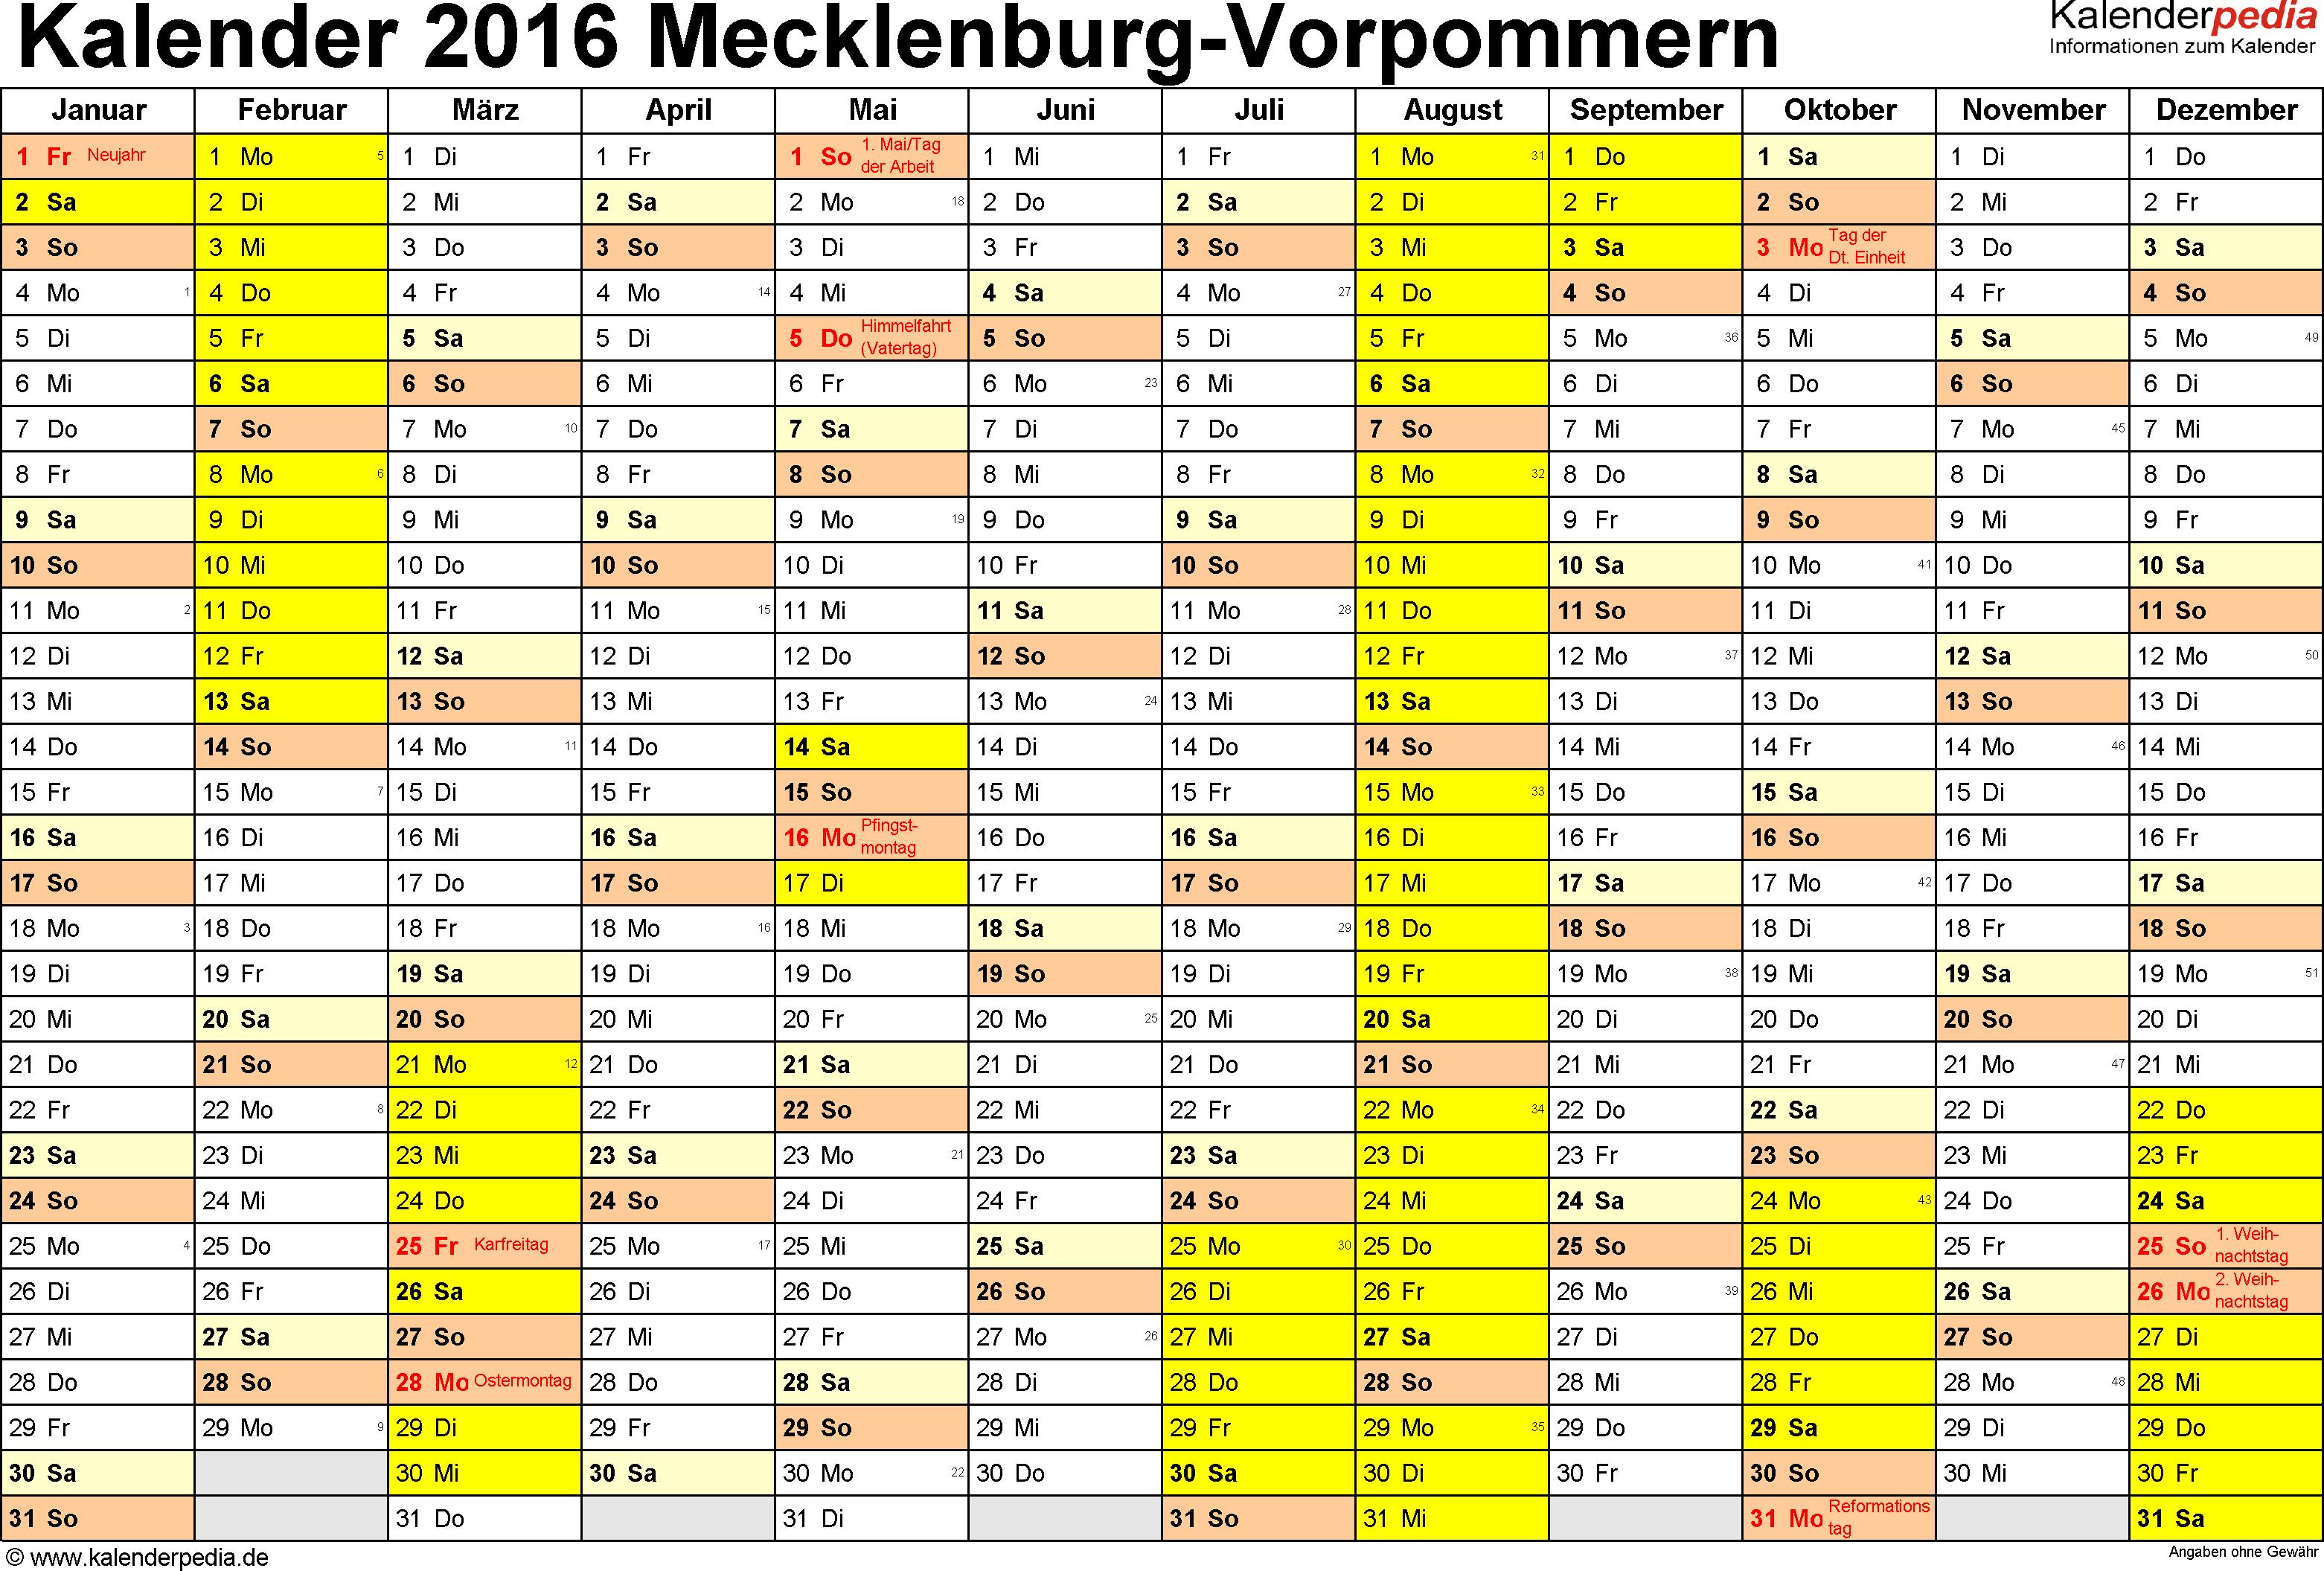 Vorlage 1: Kalender 2016 für Mecklenburg-Vorpommern als Excel-Vorlage (Querformat, 1 Seite)